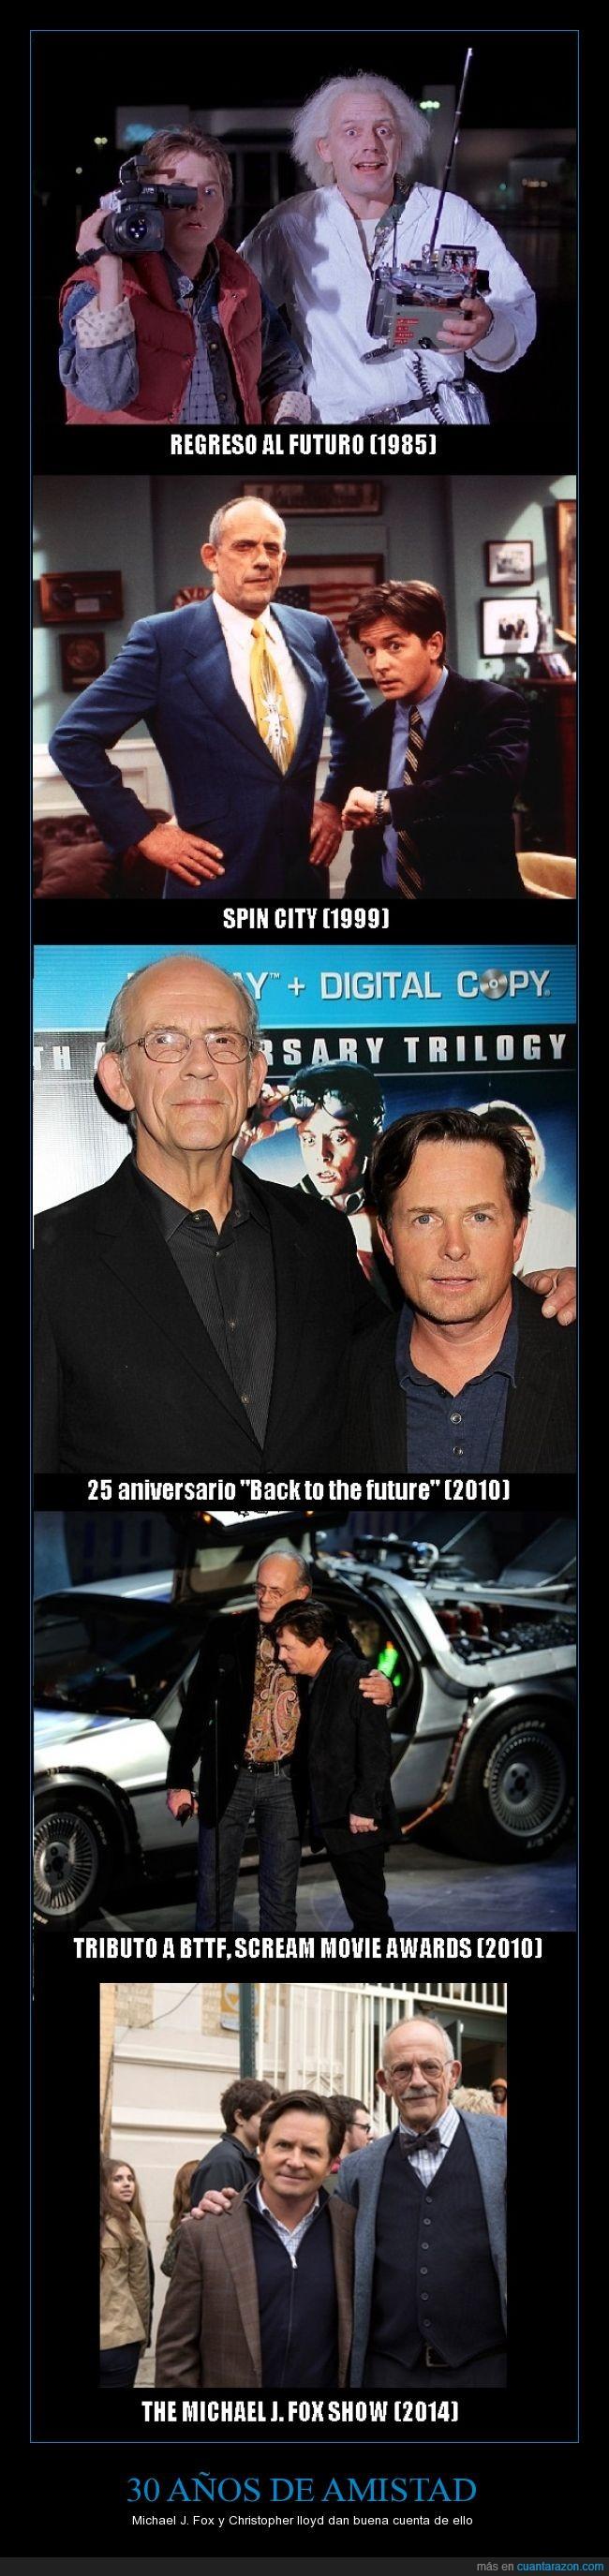 Christopher Lloyd,la amistad verdadera dura por siempre. Estos dos hombres son mis idolos y no me importa reconocerlo,Michael J. Fox,Regreso al futuro,Spin City